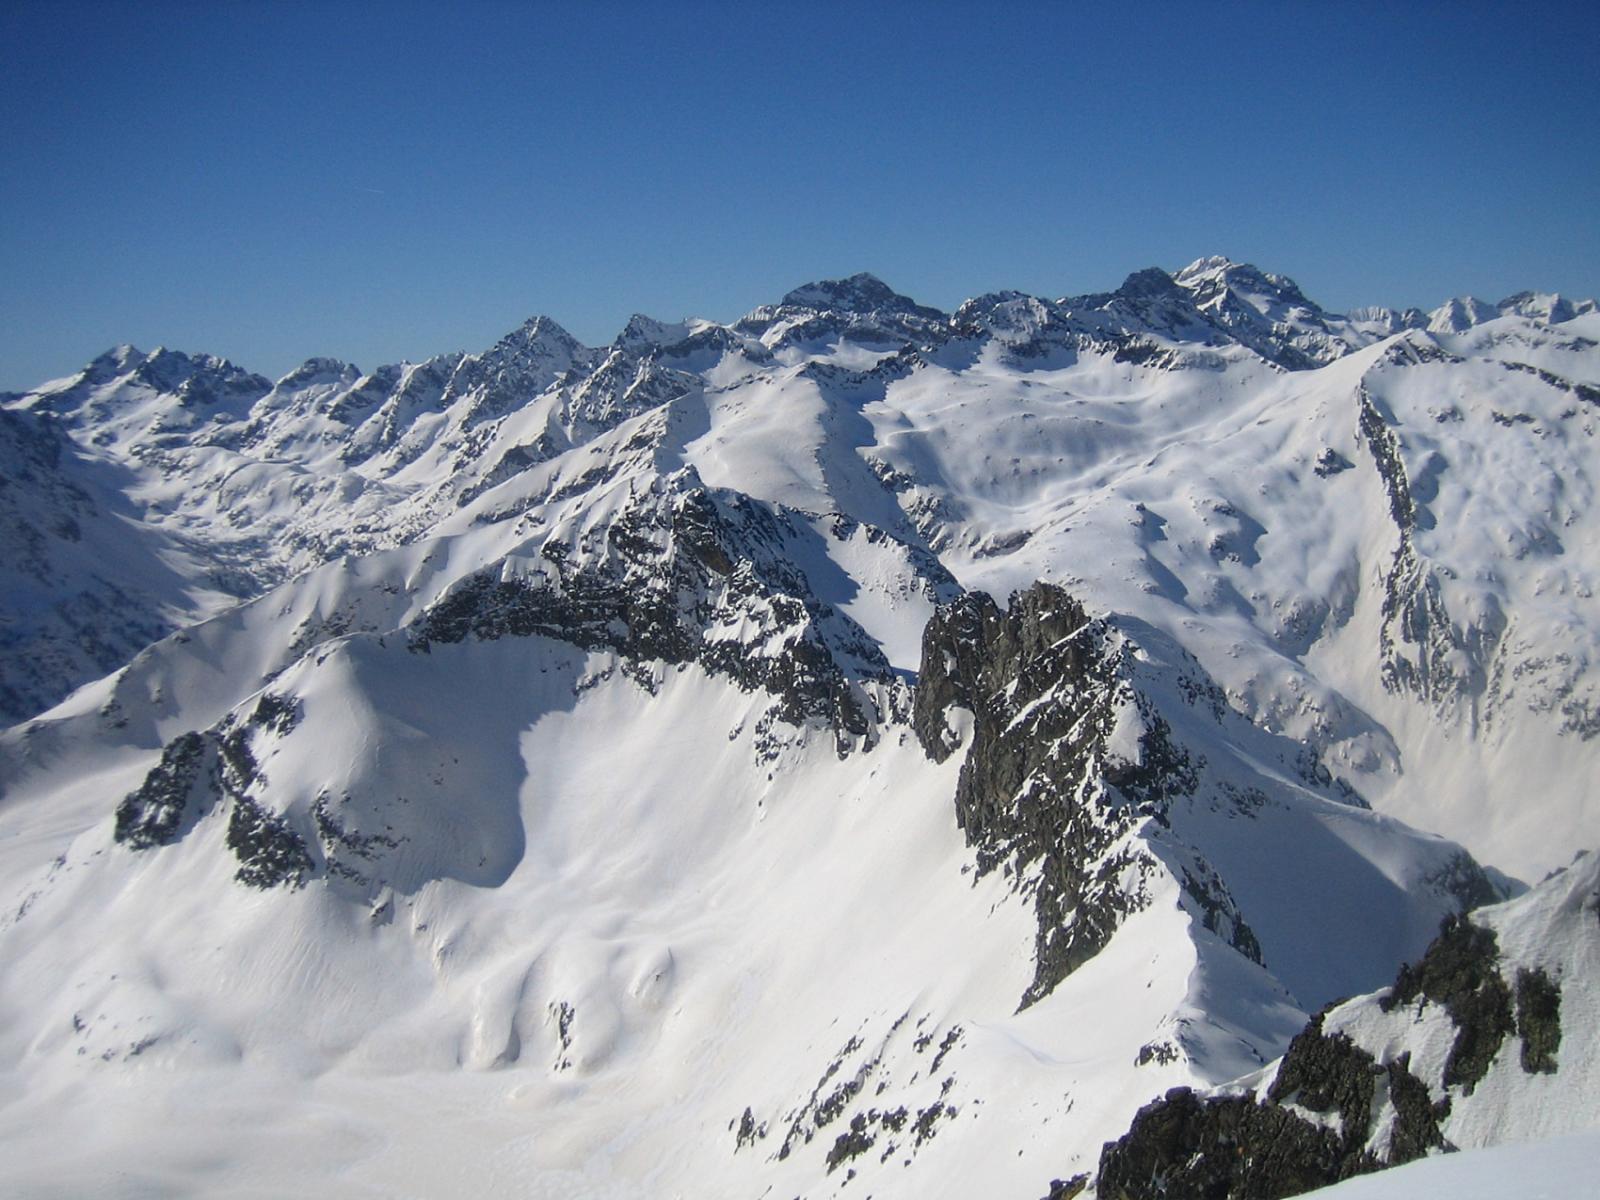 dalla cima: in primo piano il versante roccioso della Pointe de Peyrefique